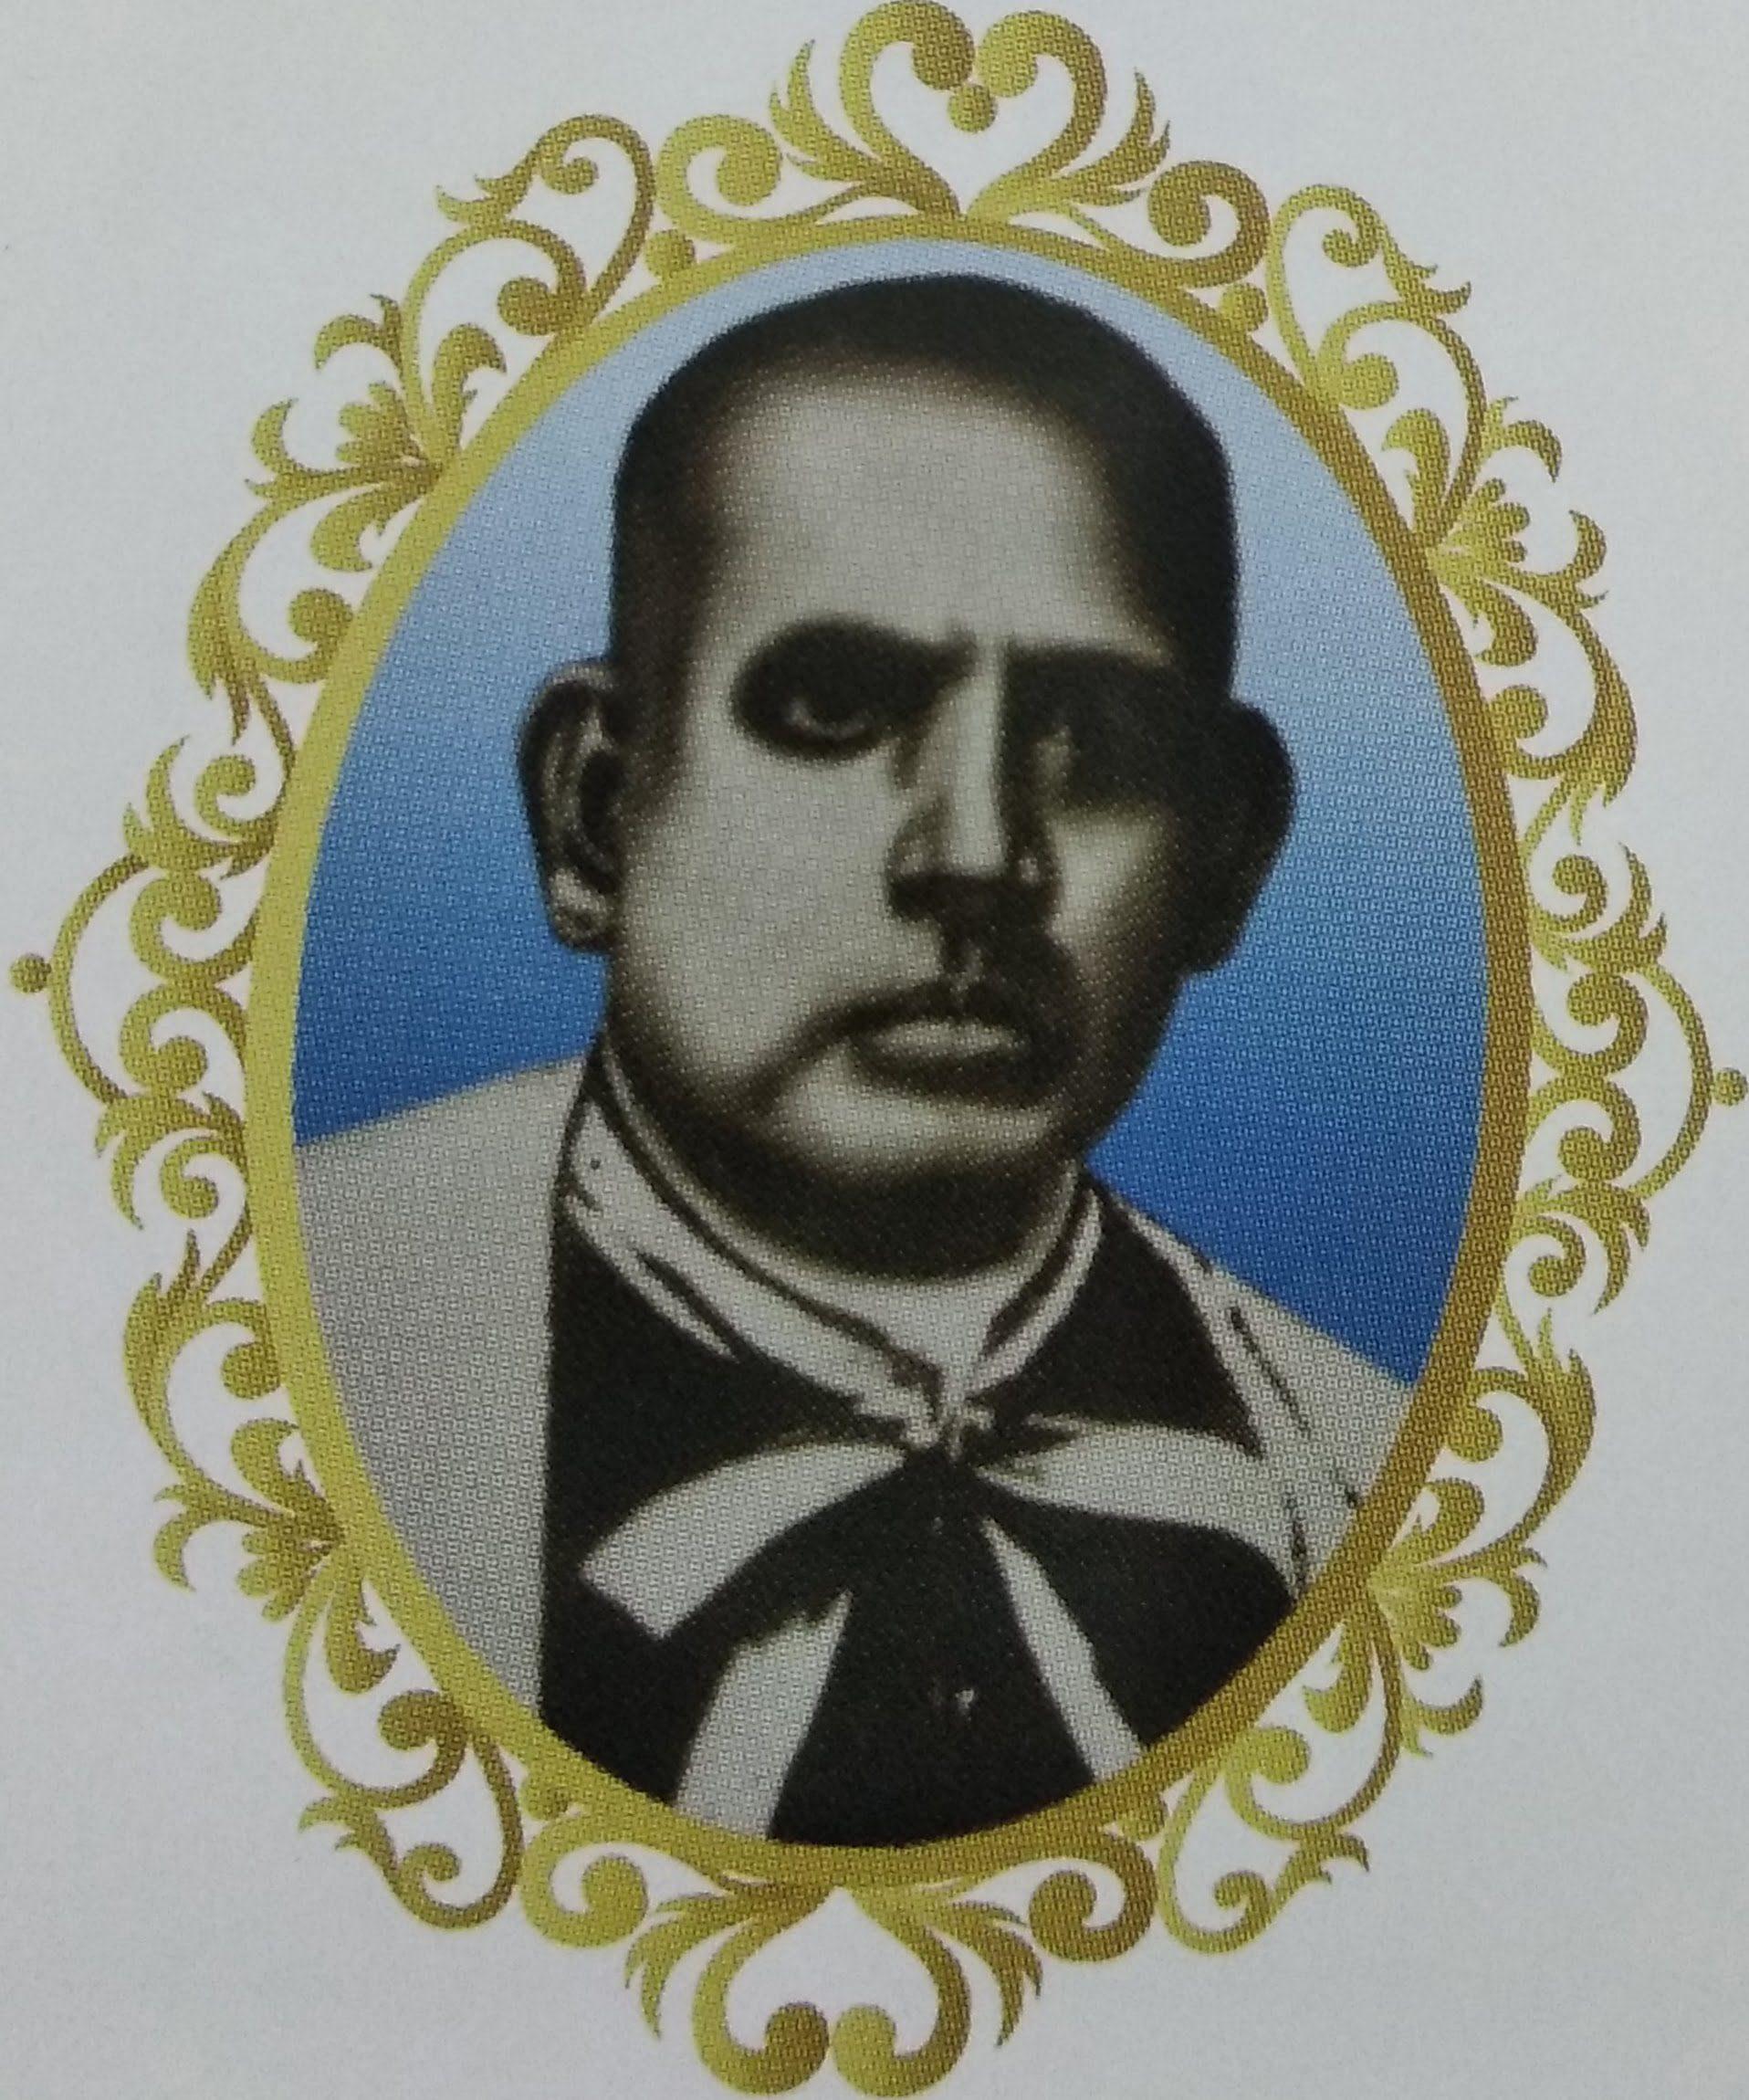 Msgr. George Cruz Arackal